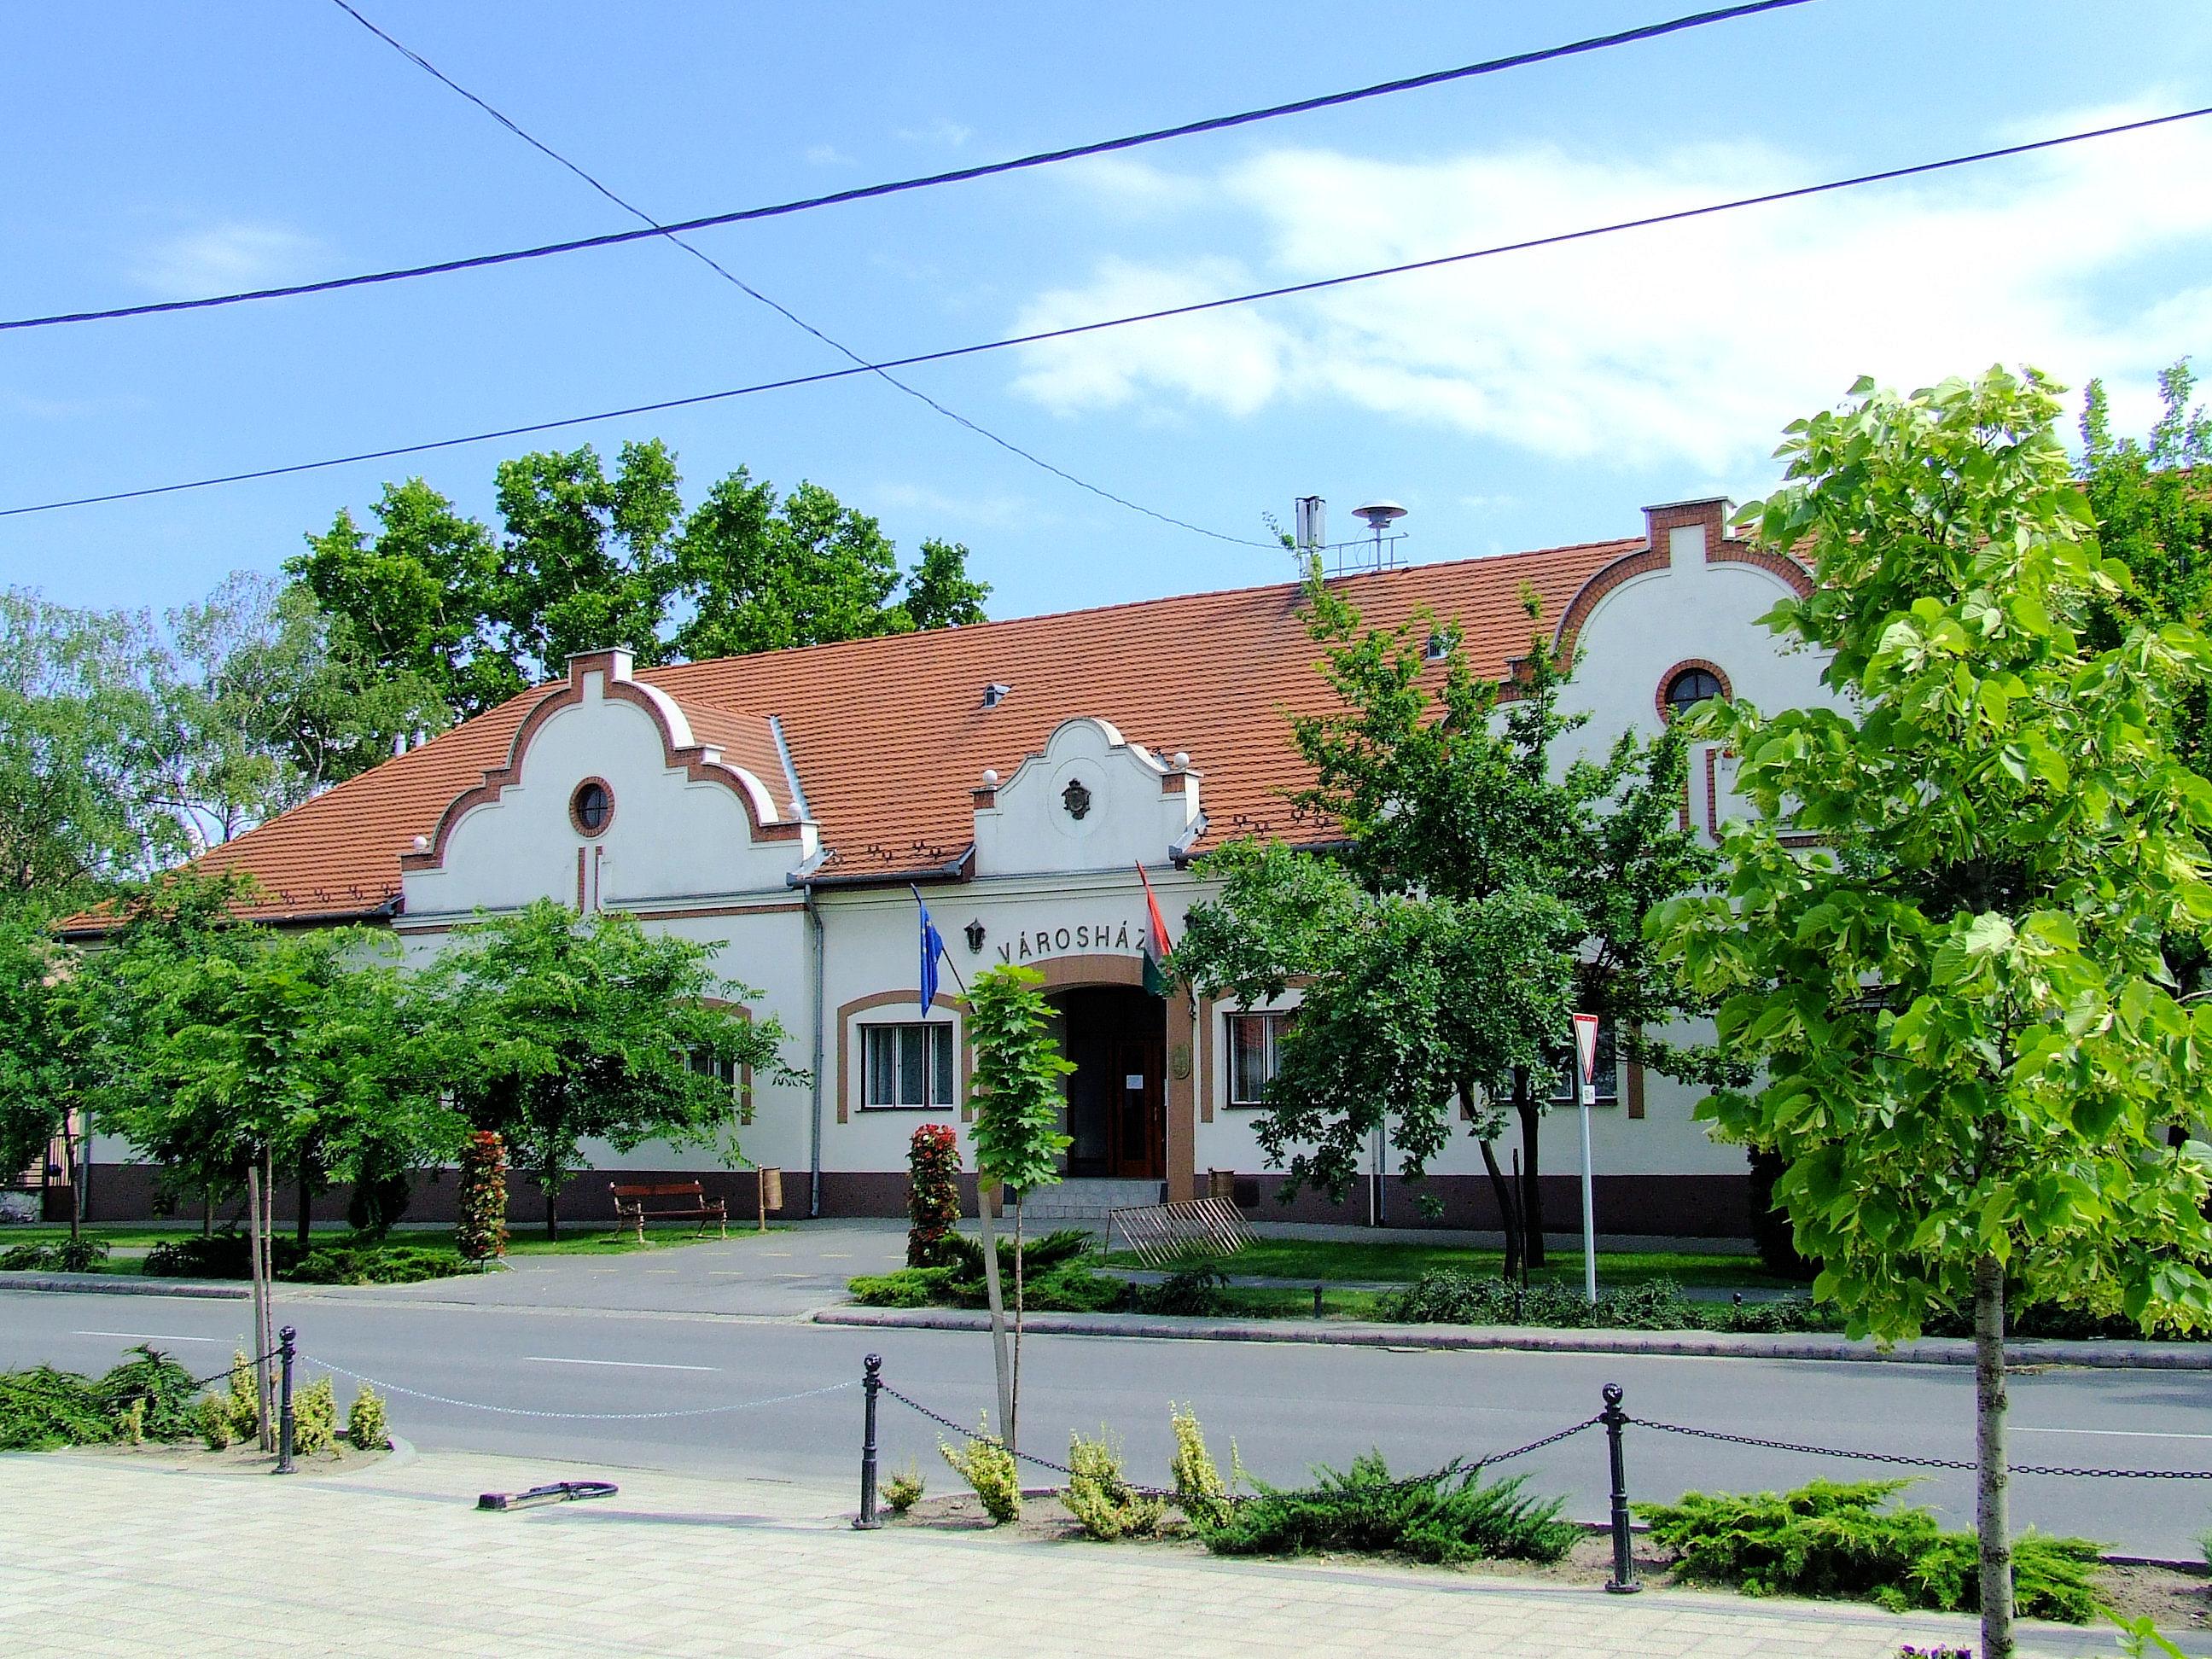 magyarország térkép soltvadkert Soltvadkert – Wikipédia magyarország térkép soltvadkert